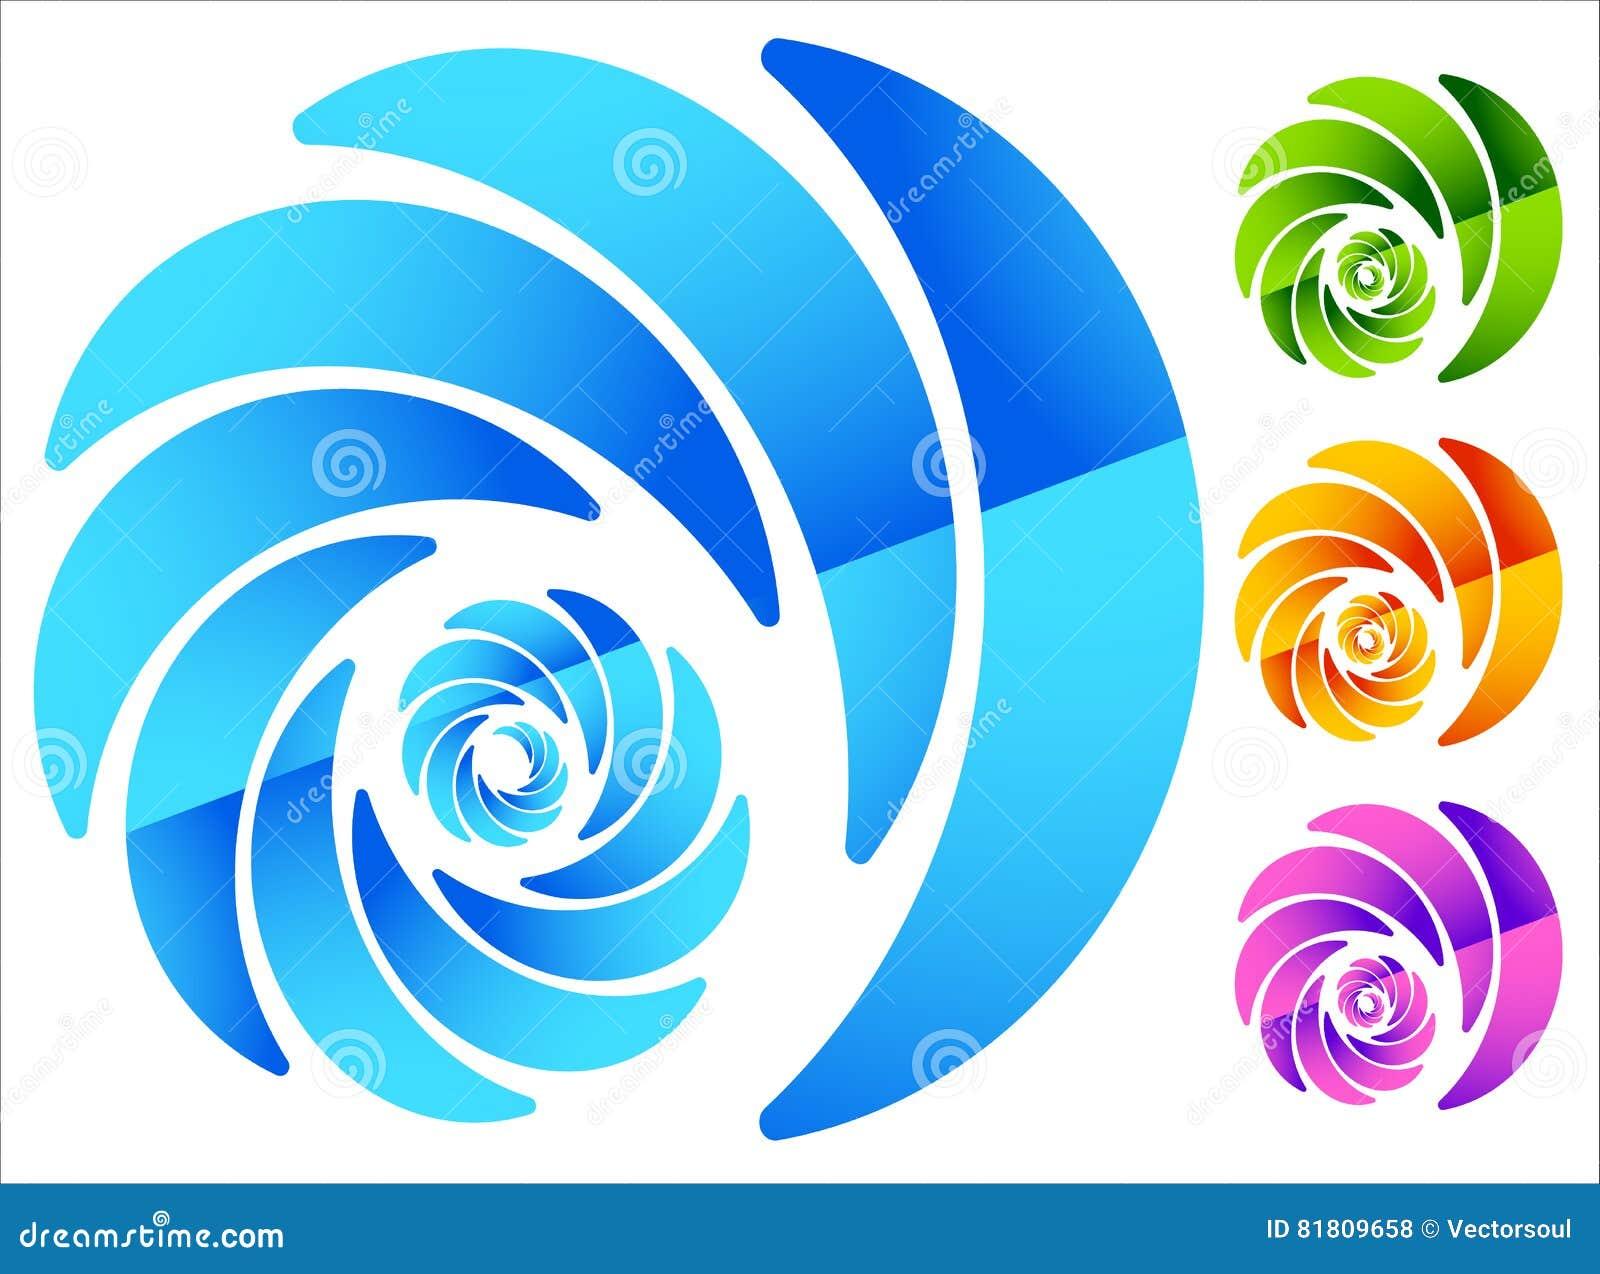 Красочный, круговой похожий на спирал элемент в 4 ярких цветах